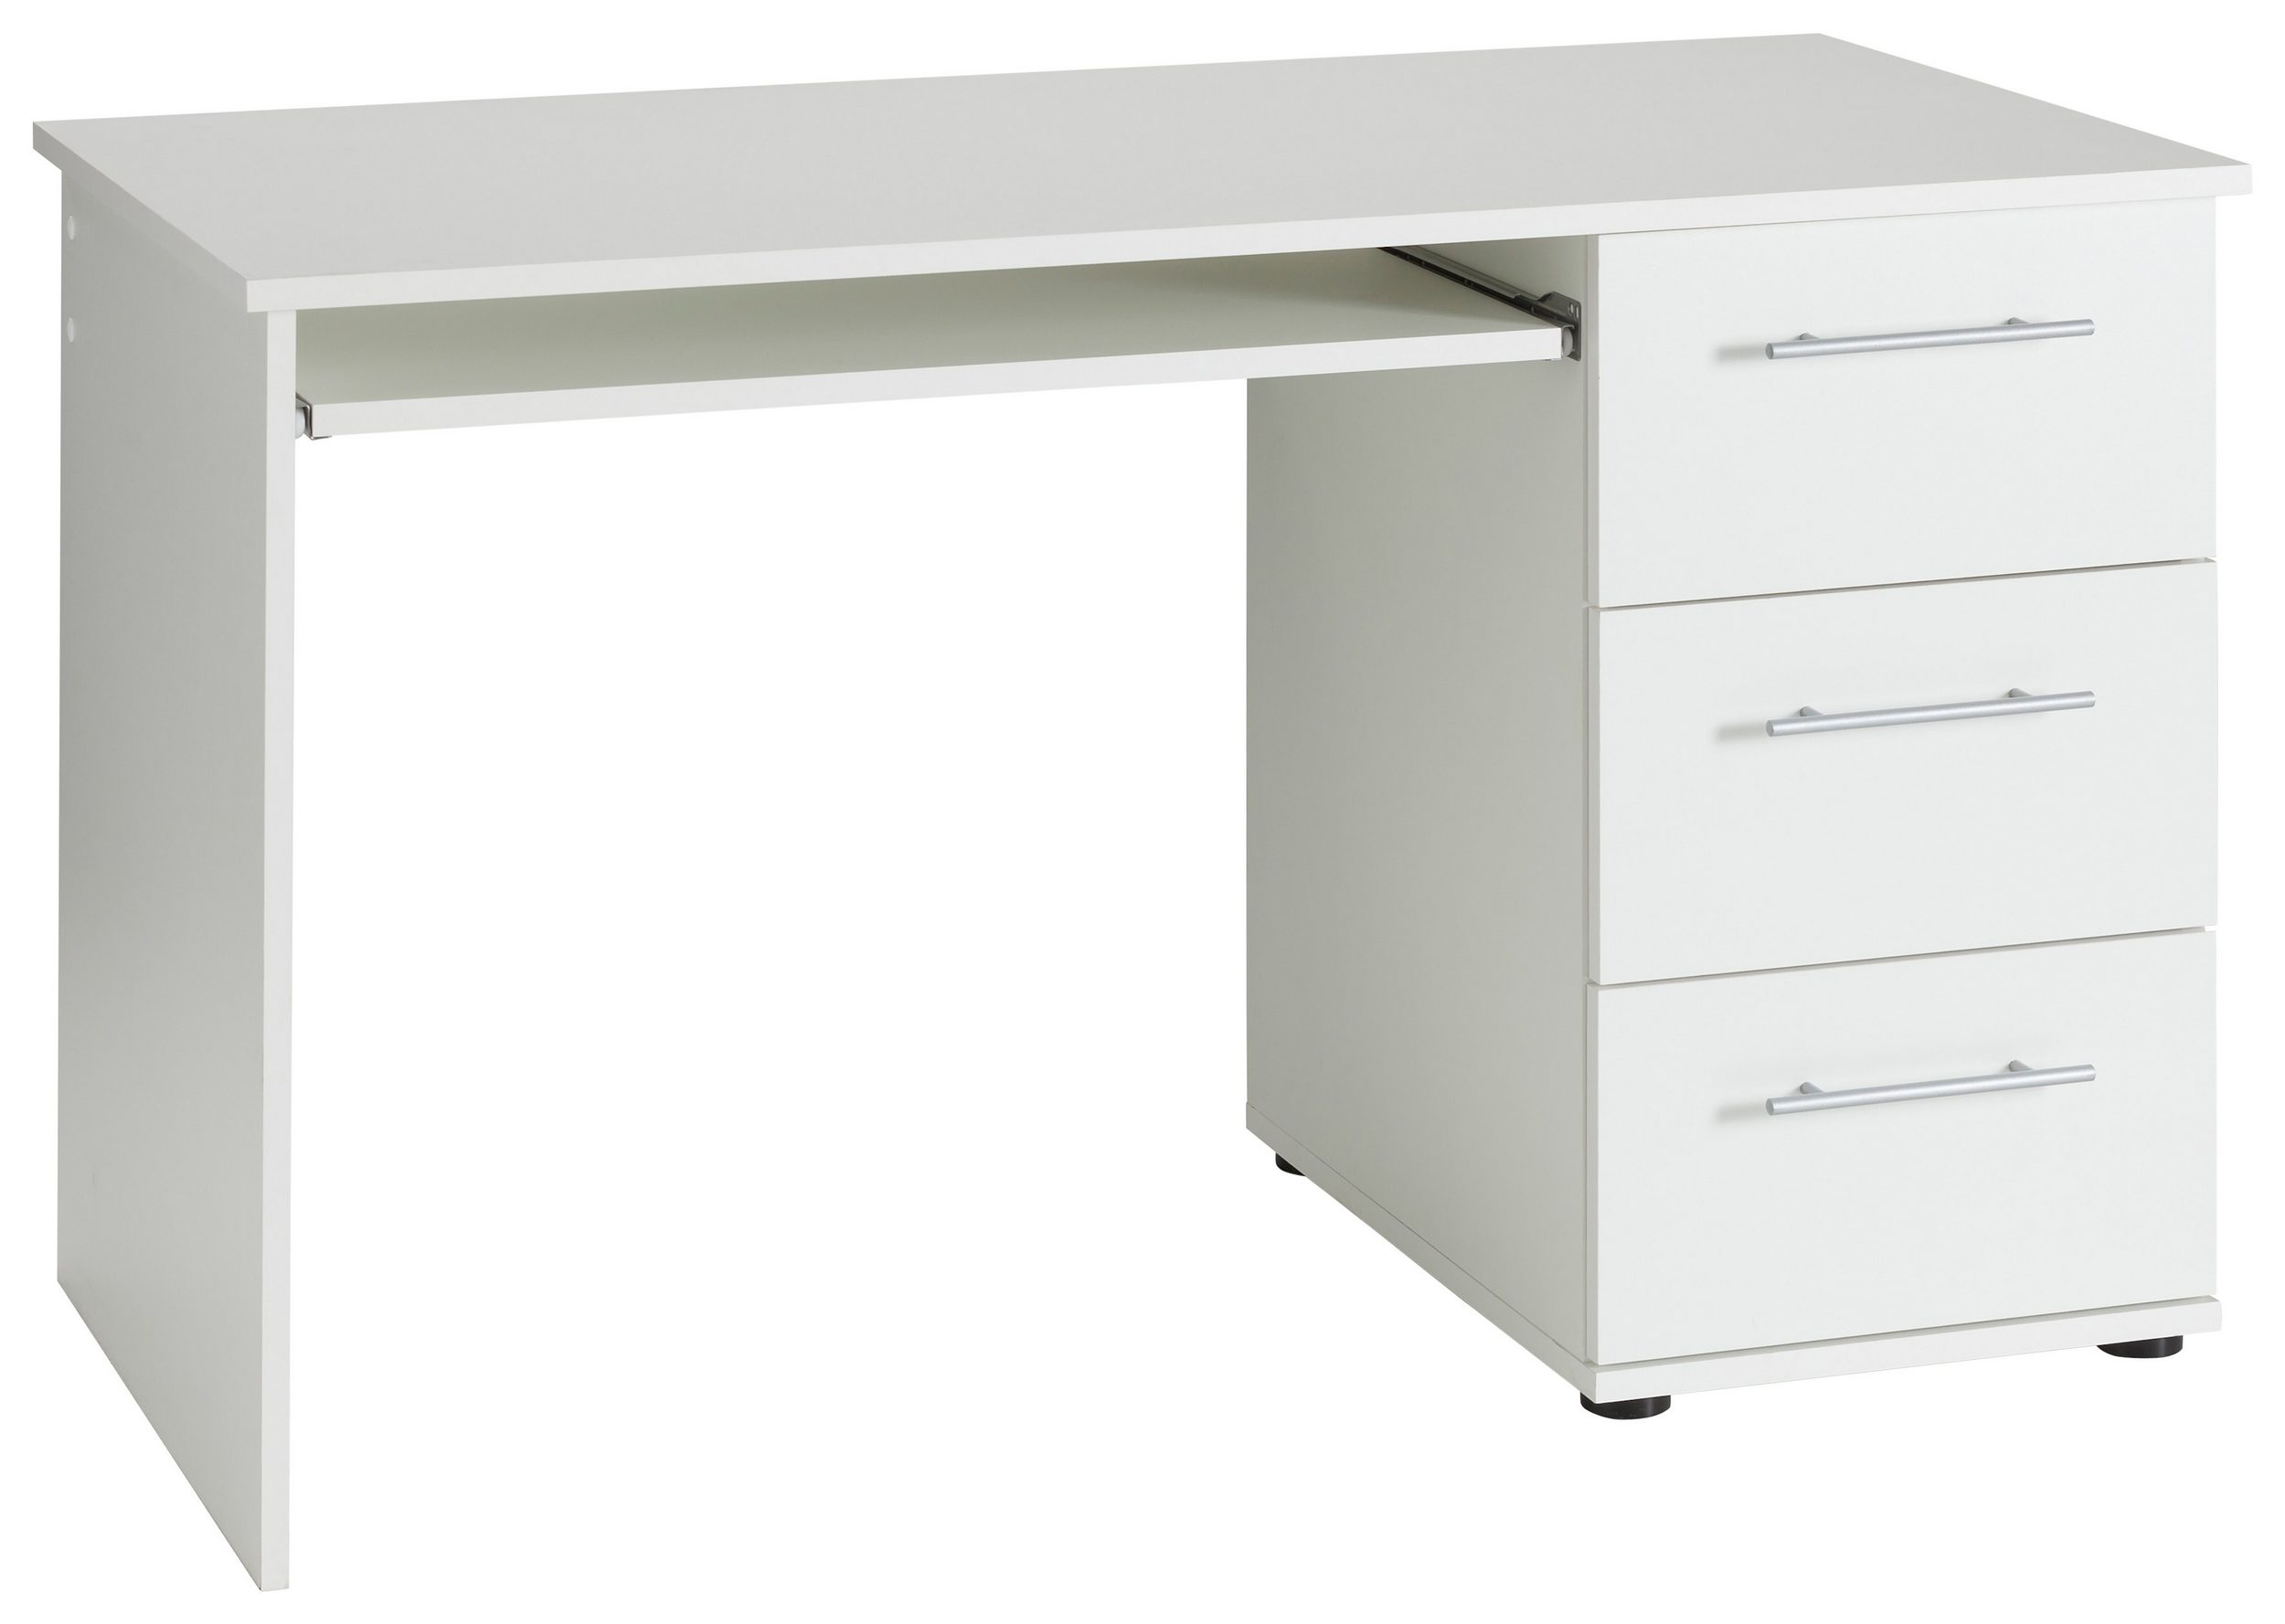 4506 computertisch schreibtisch pc tisch mehrere for Pc tisch ahorn